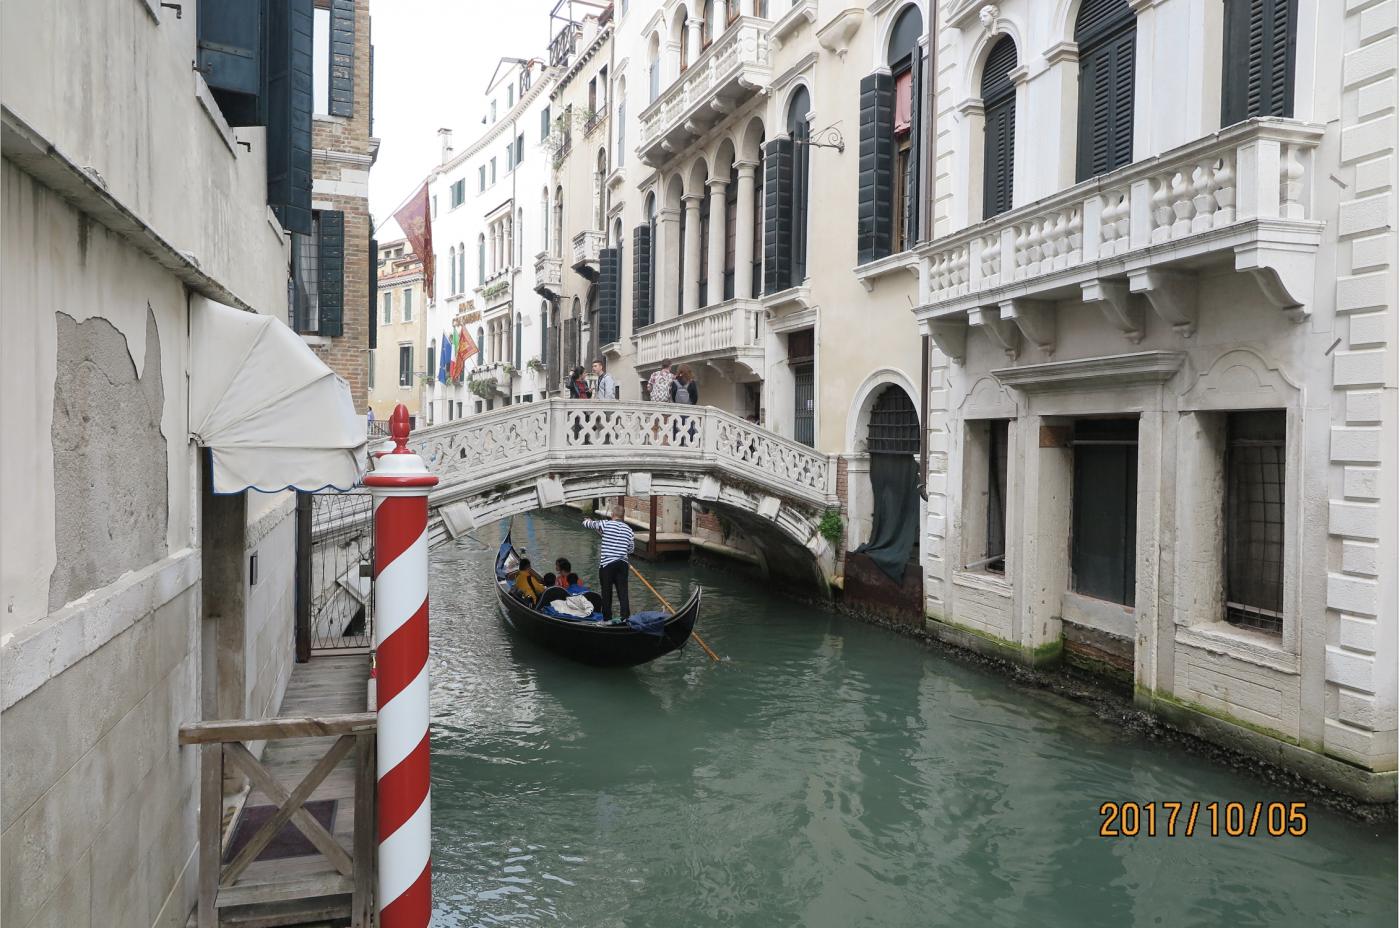 水乡威尼斯:无限的魅力永久的回忆_图1-37